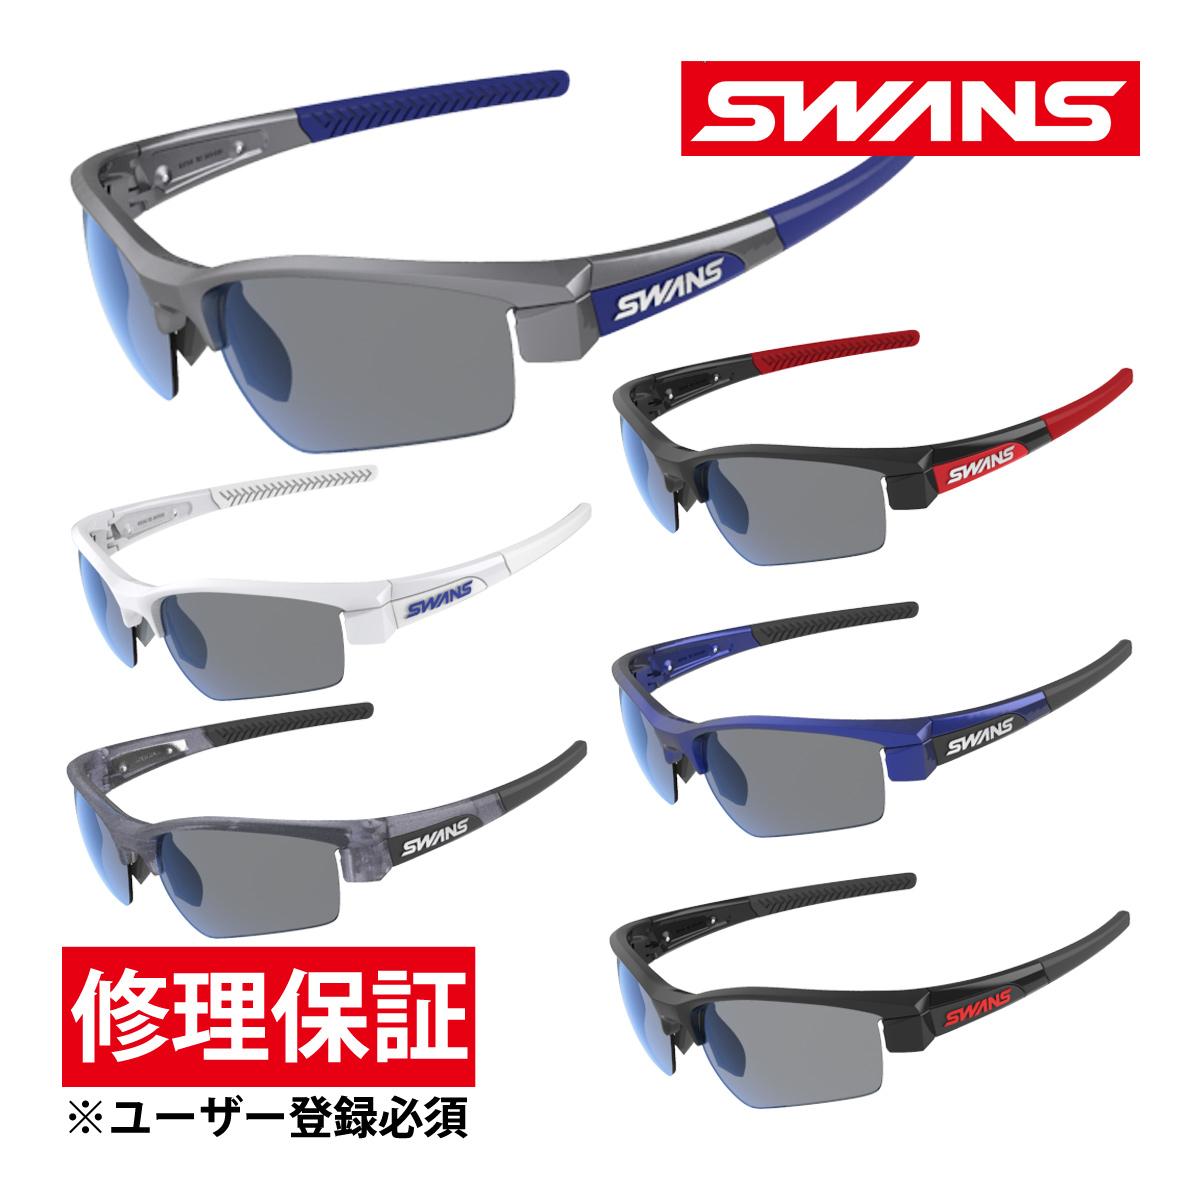 サングラス 偏光レンズ 両面マルチ メンズ レディース スポーツ ドライブ 釣り ゴルフ LION SIN フレーム+レンズセット L-LI SIN-0151 SMK おすすめ 人気 SWANS スワンズ